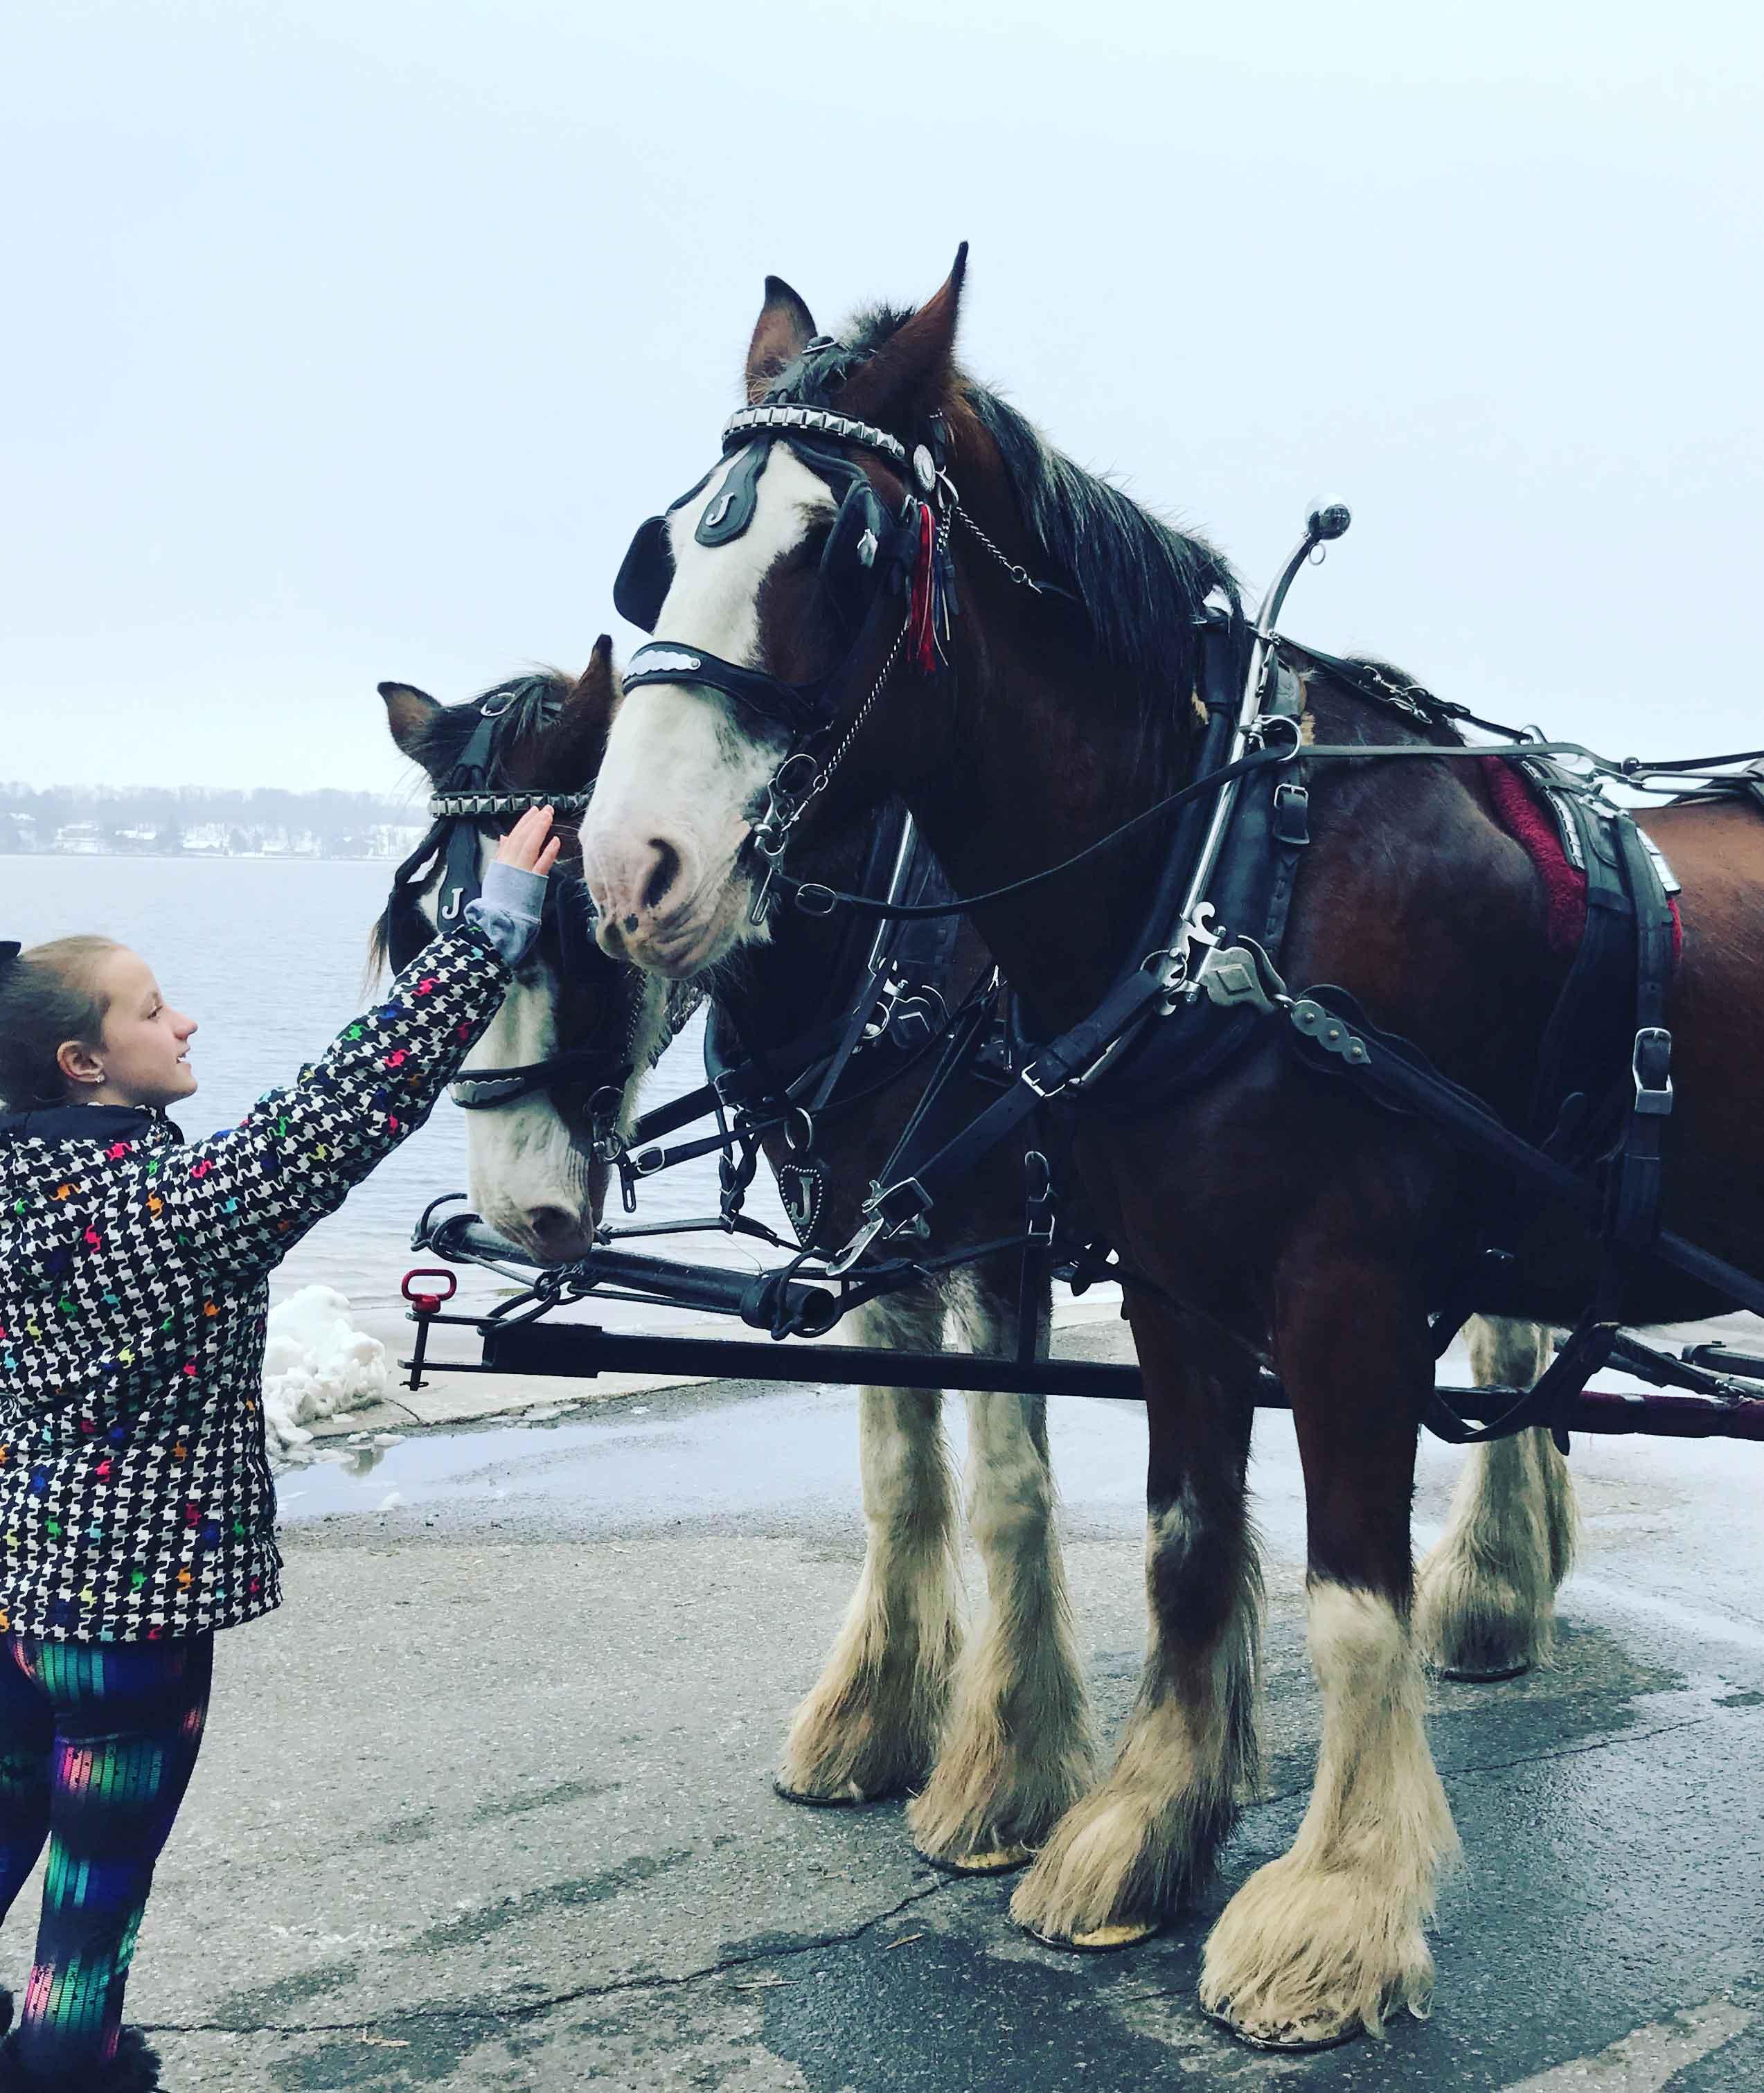 Making Memories at Cragun's Petting the Horses